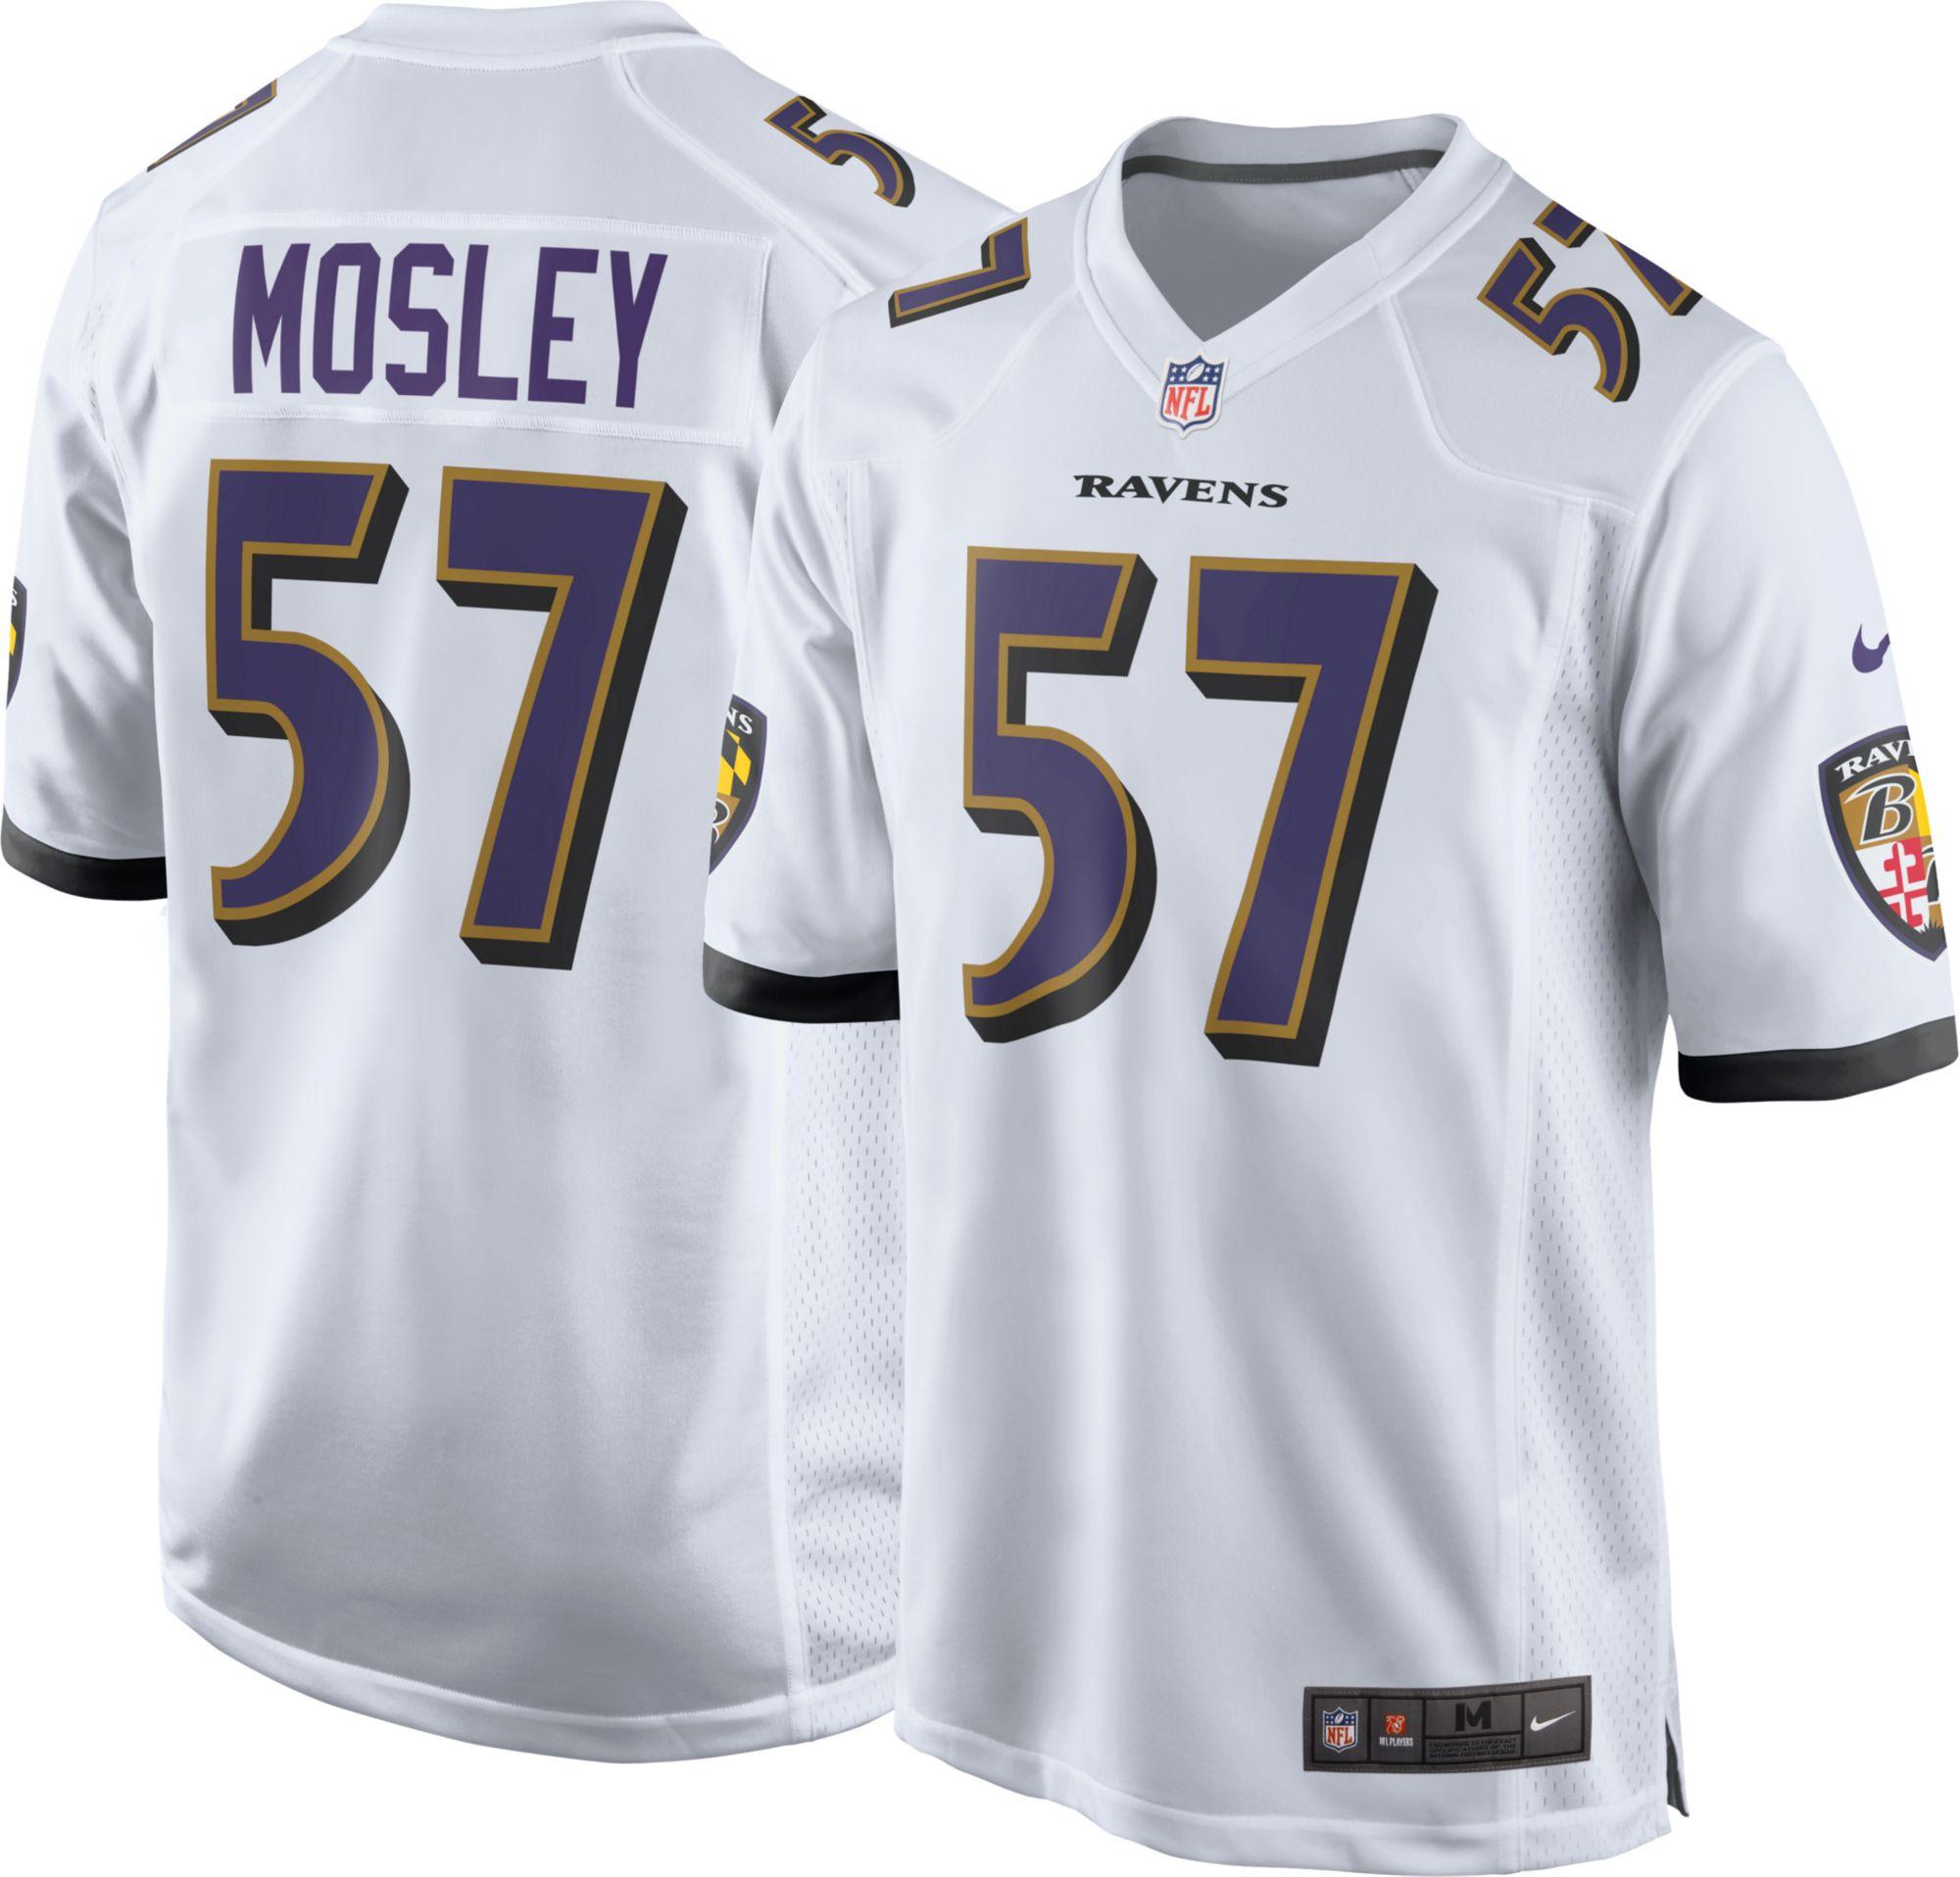 Nike Men s Away Game Jersey Baltimore Ravens C J Mosley 57